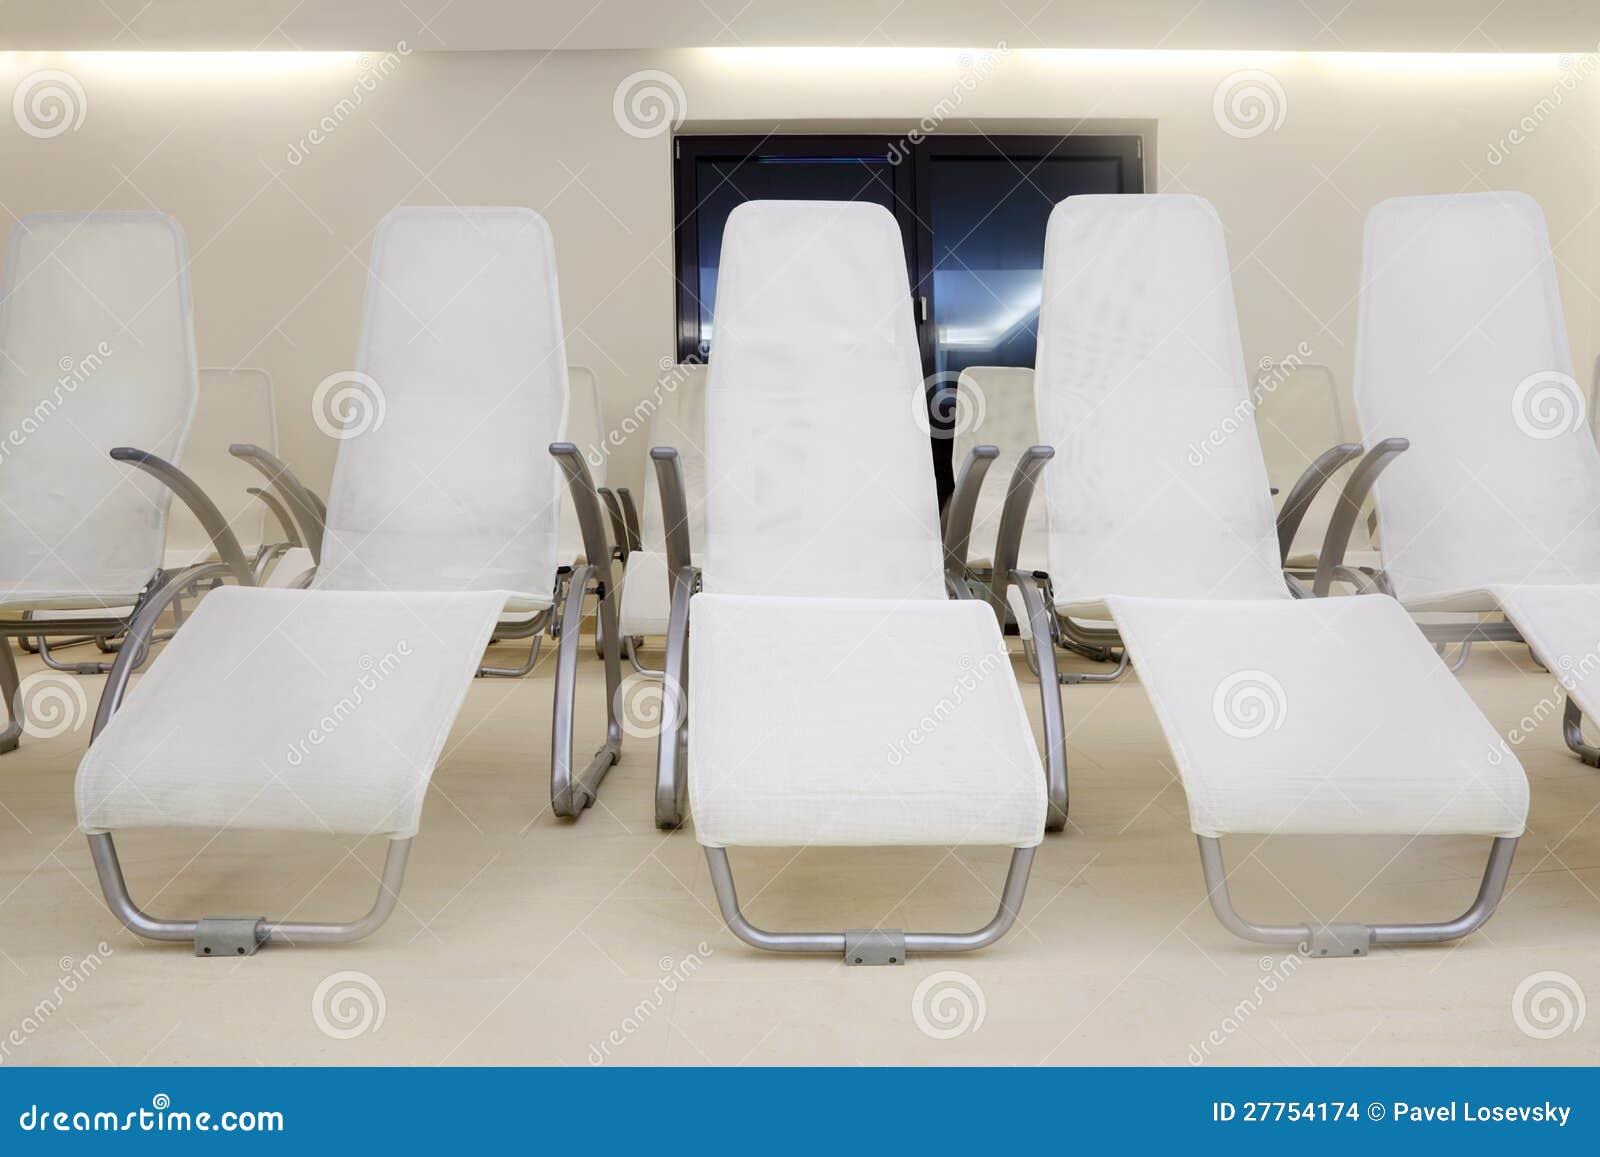 Deux lignes des sièges confortables dans la chambre vide